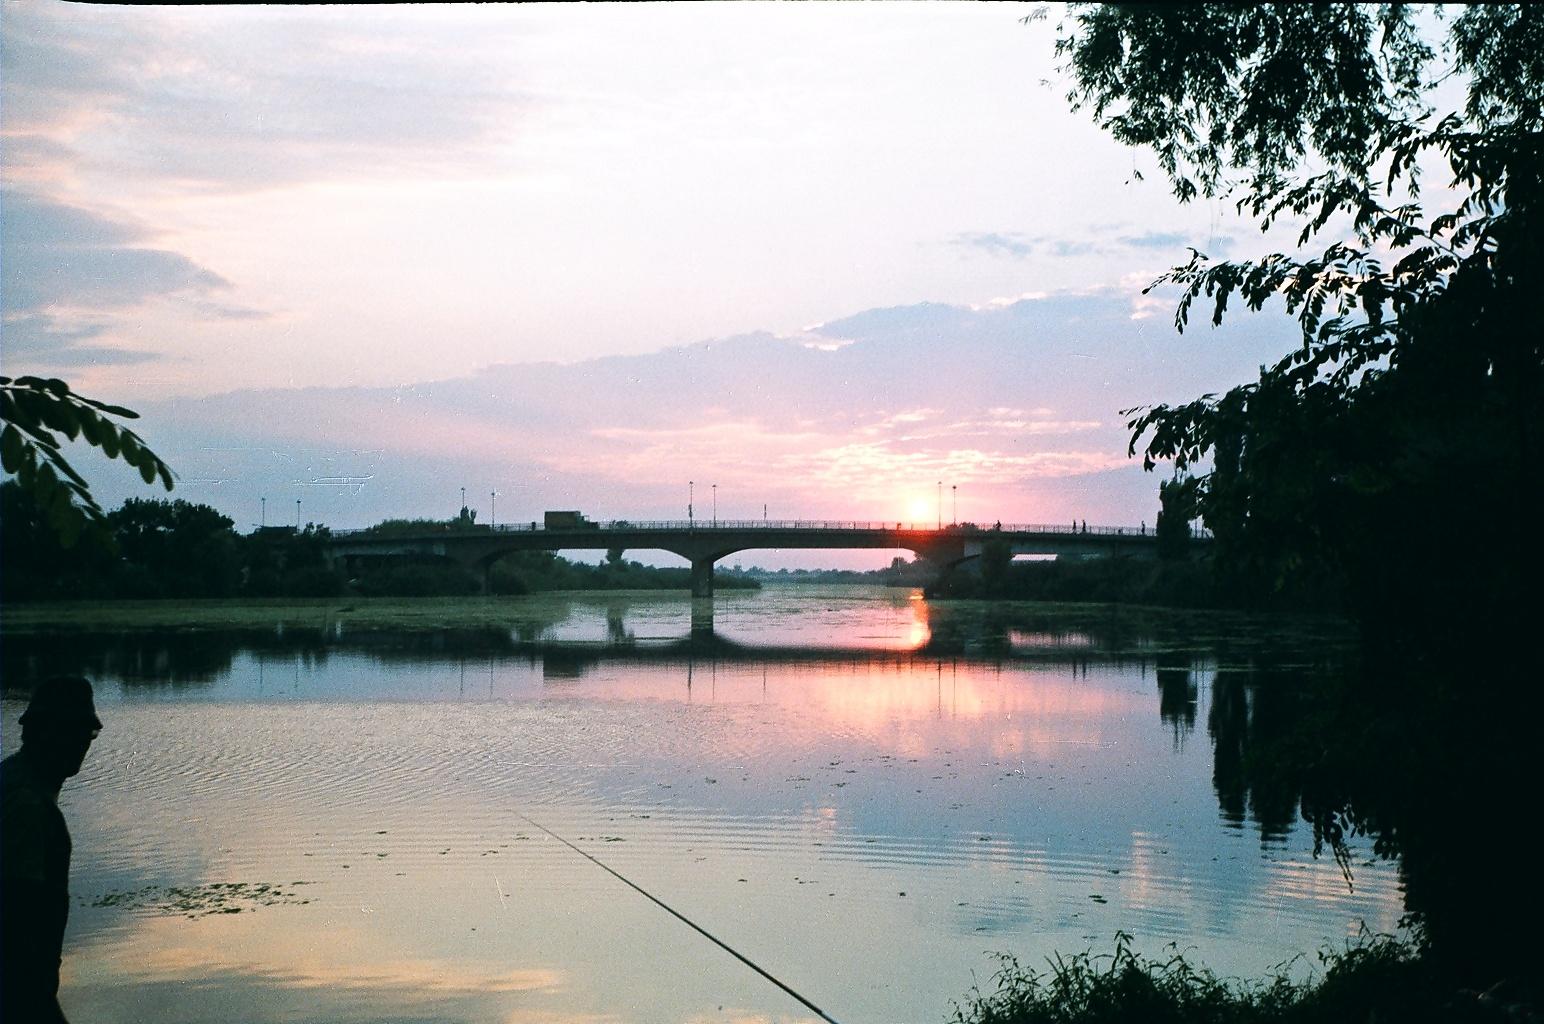 Donau-Tisa-Donau-kanalen